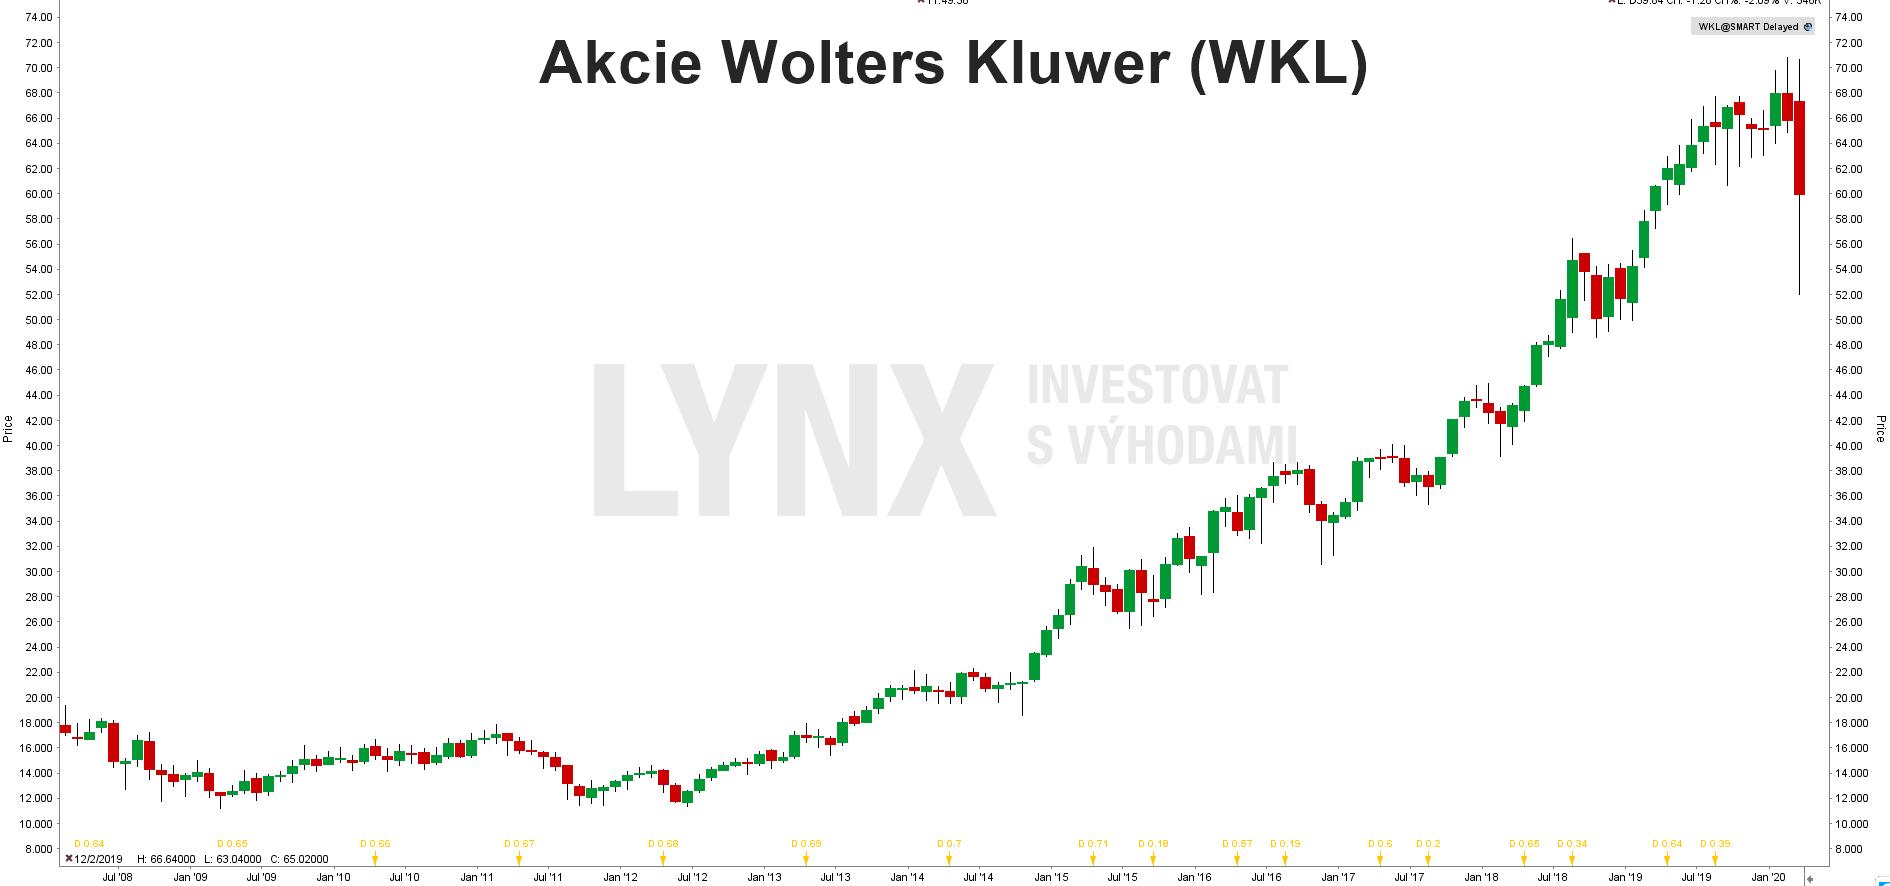 Graf akcie Akcie Wolters Kluwer (WKL)